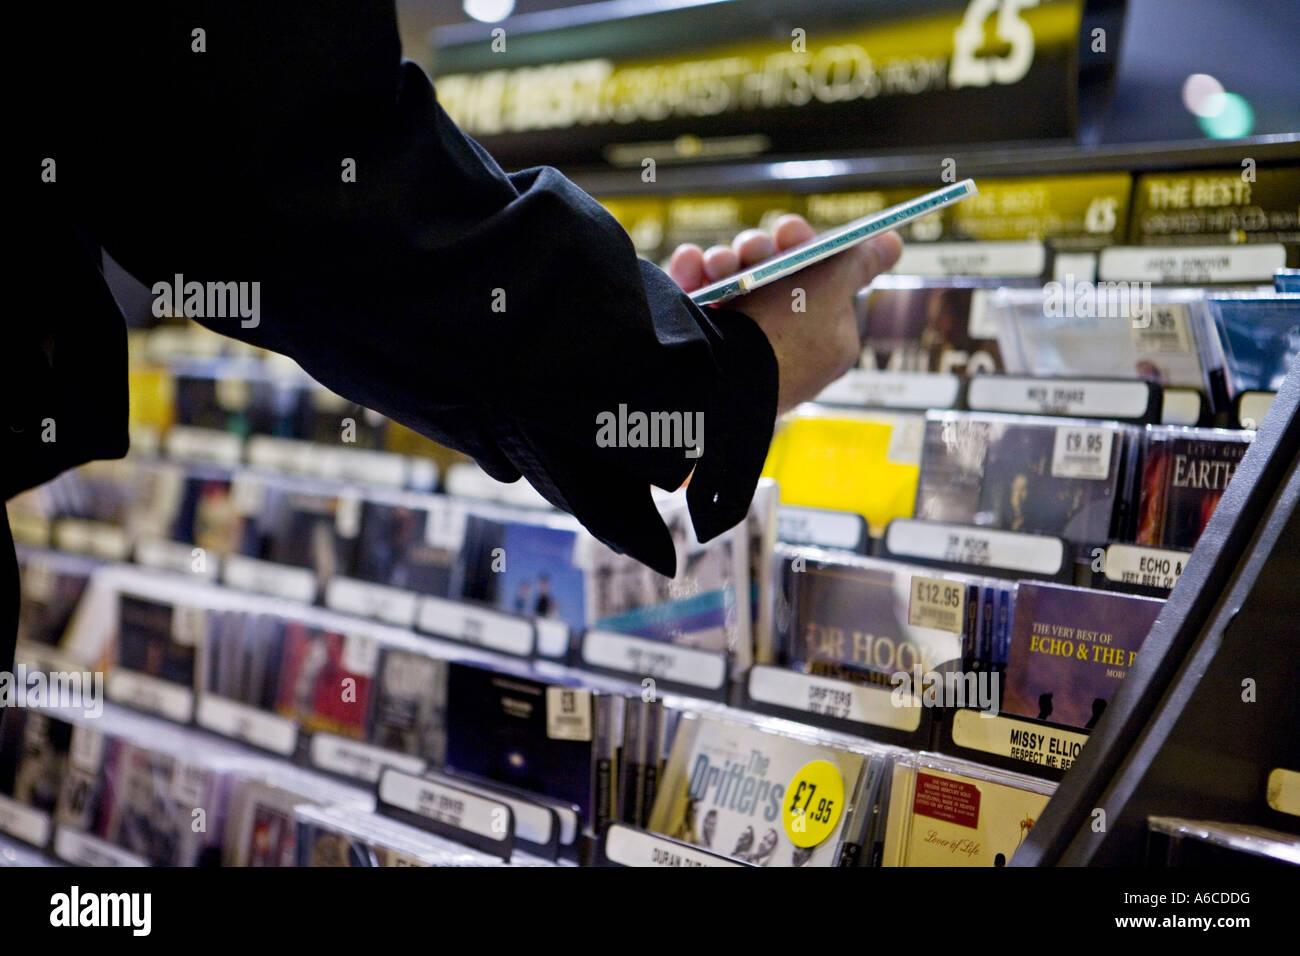 Mann fallen nimmt CD Regal im HMV am Piccadilly Circus CD-Verkäufe wie Online-Musik-erhöhen Downloads Stockbild